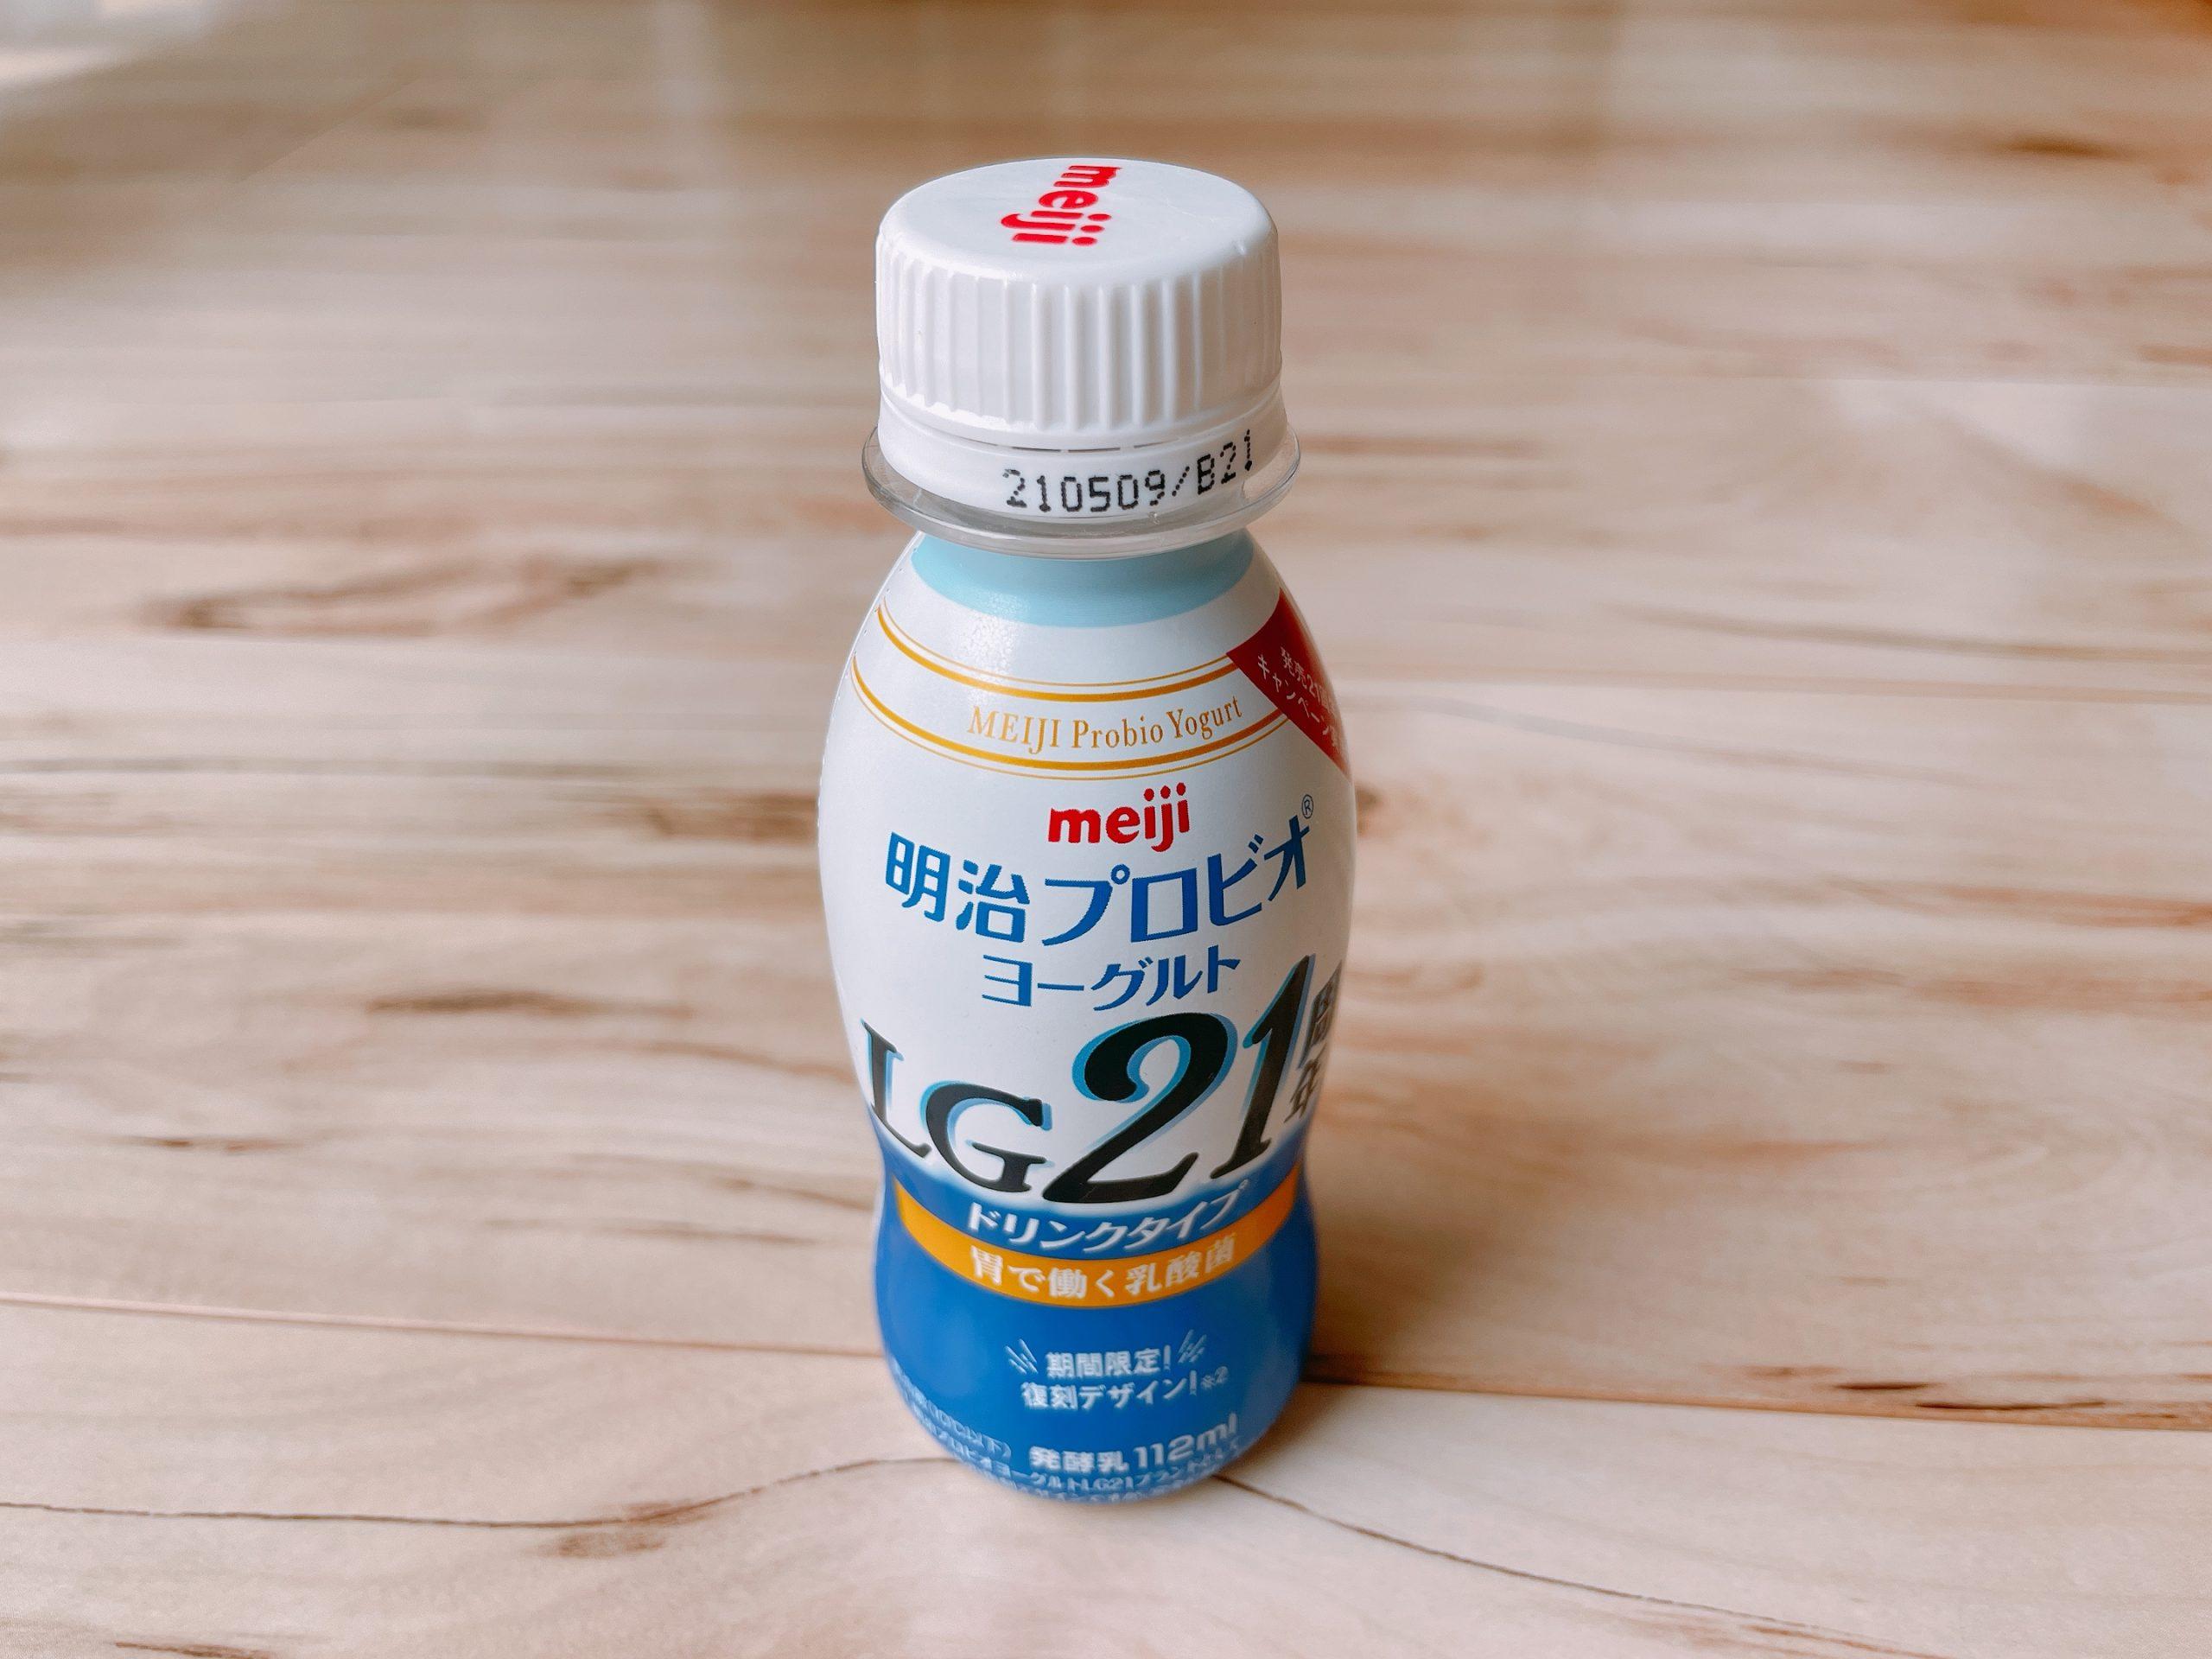 明治ヨーグルトLG21の乳酸菌